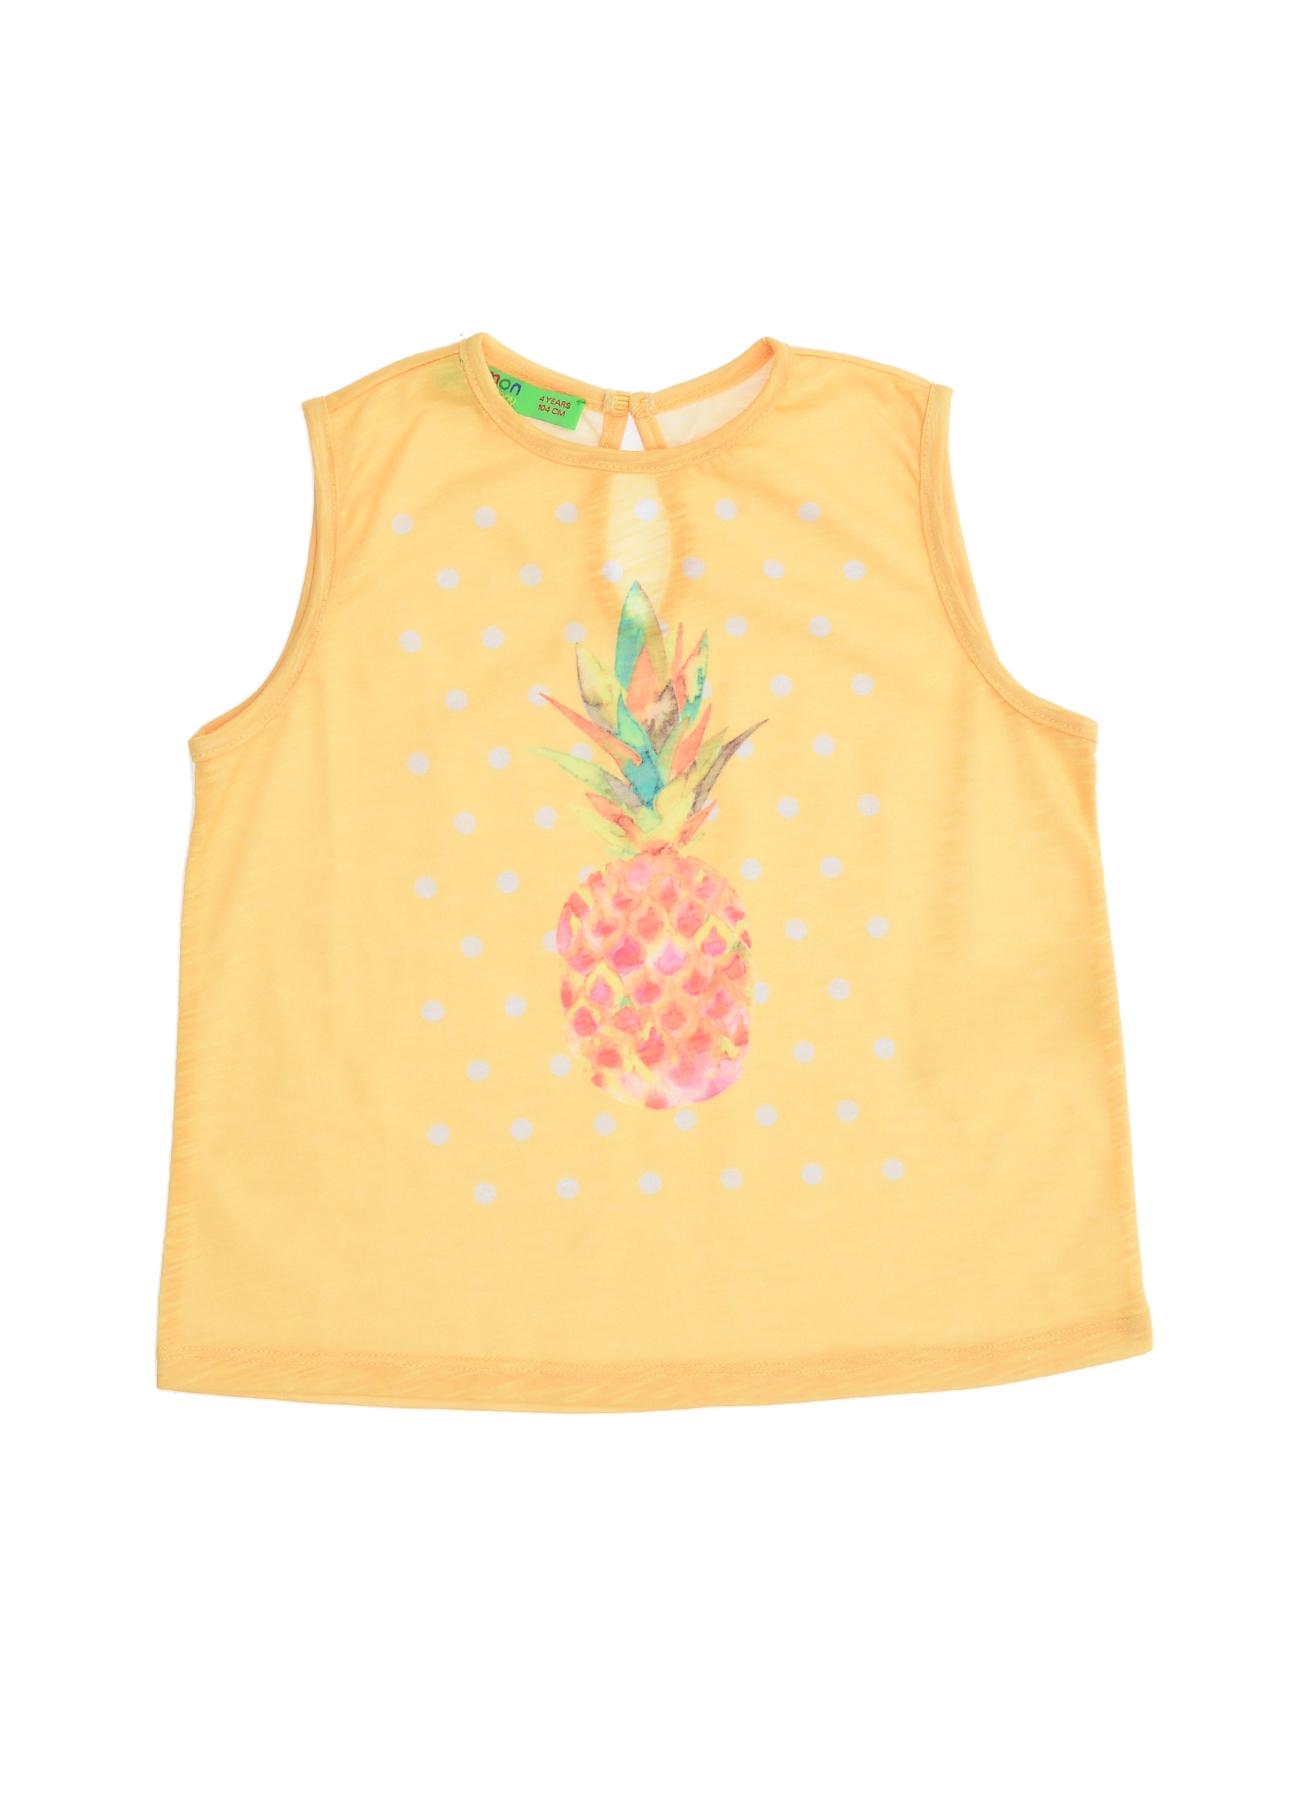 Limon T-Shirt 3 Yaş 5000354921001 Ürün Resmi